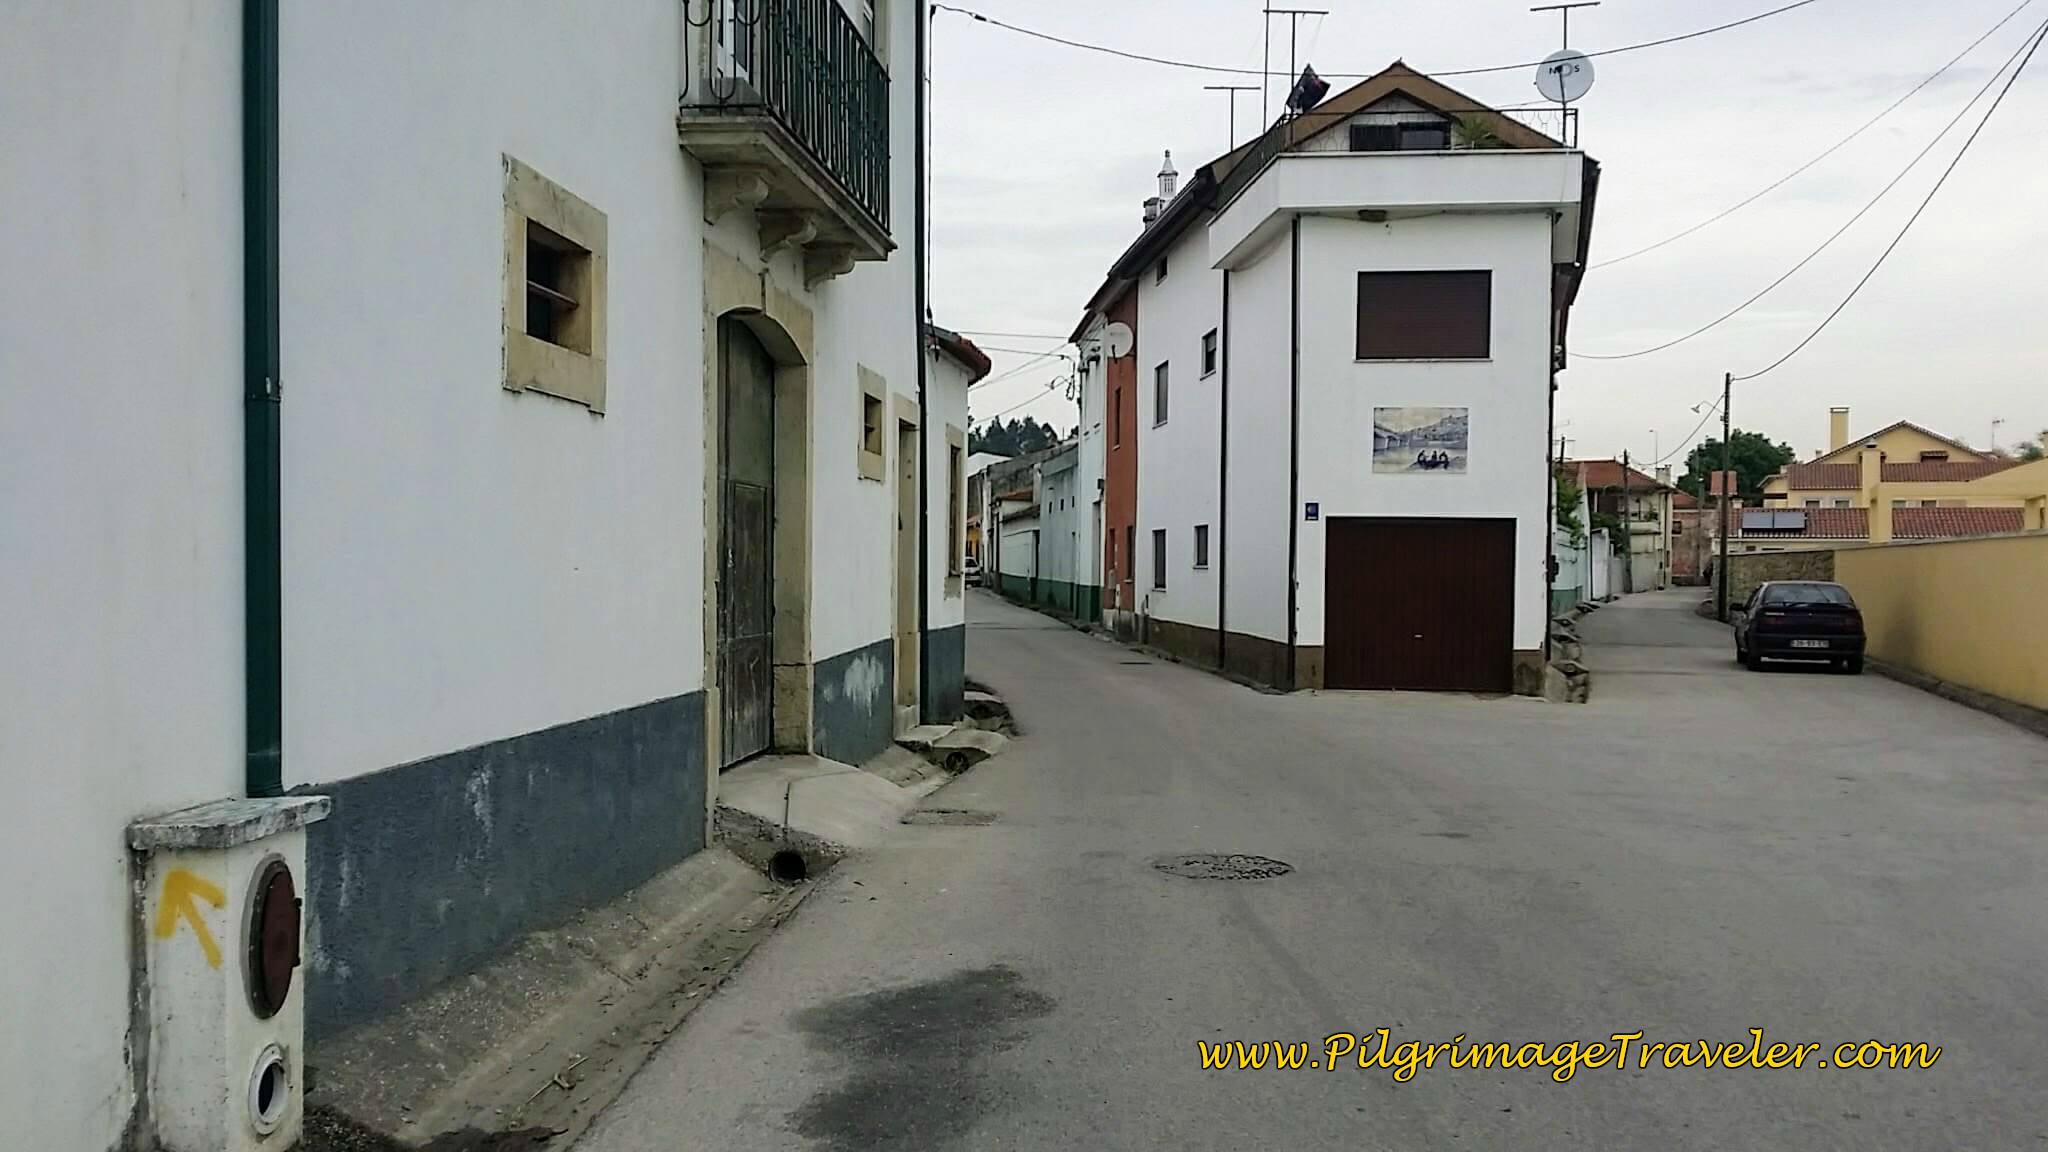 Turn Left Here onto the Rua Nossa Senhora da Esperança in Fornos, Portugal